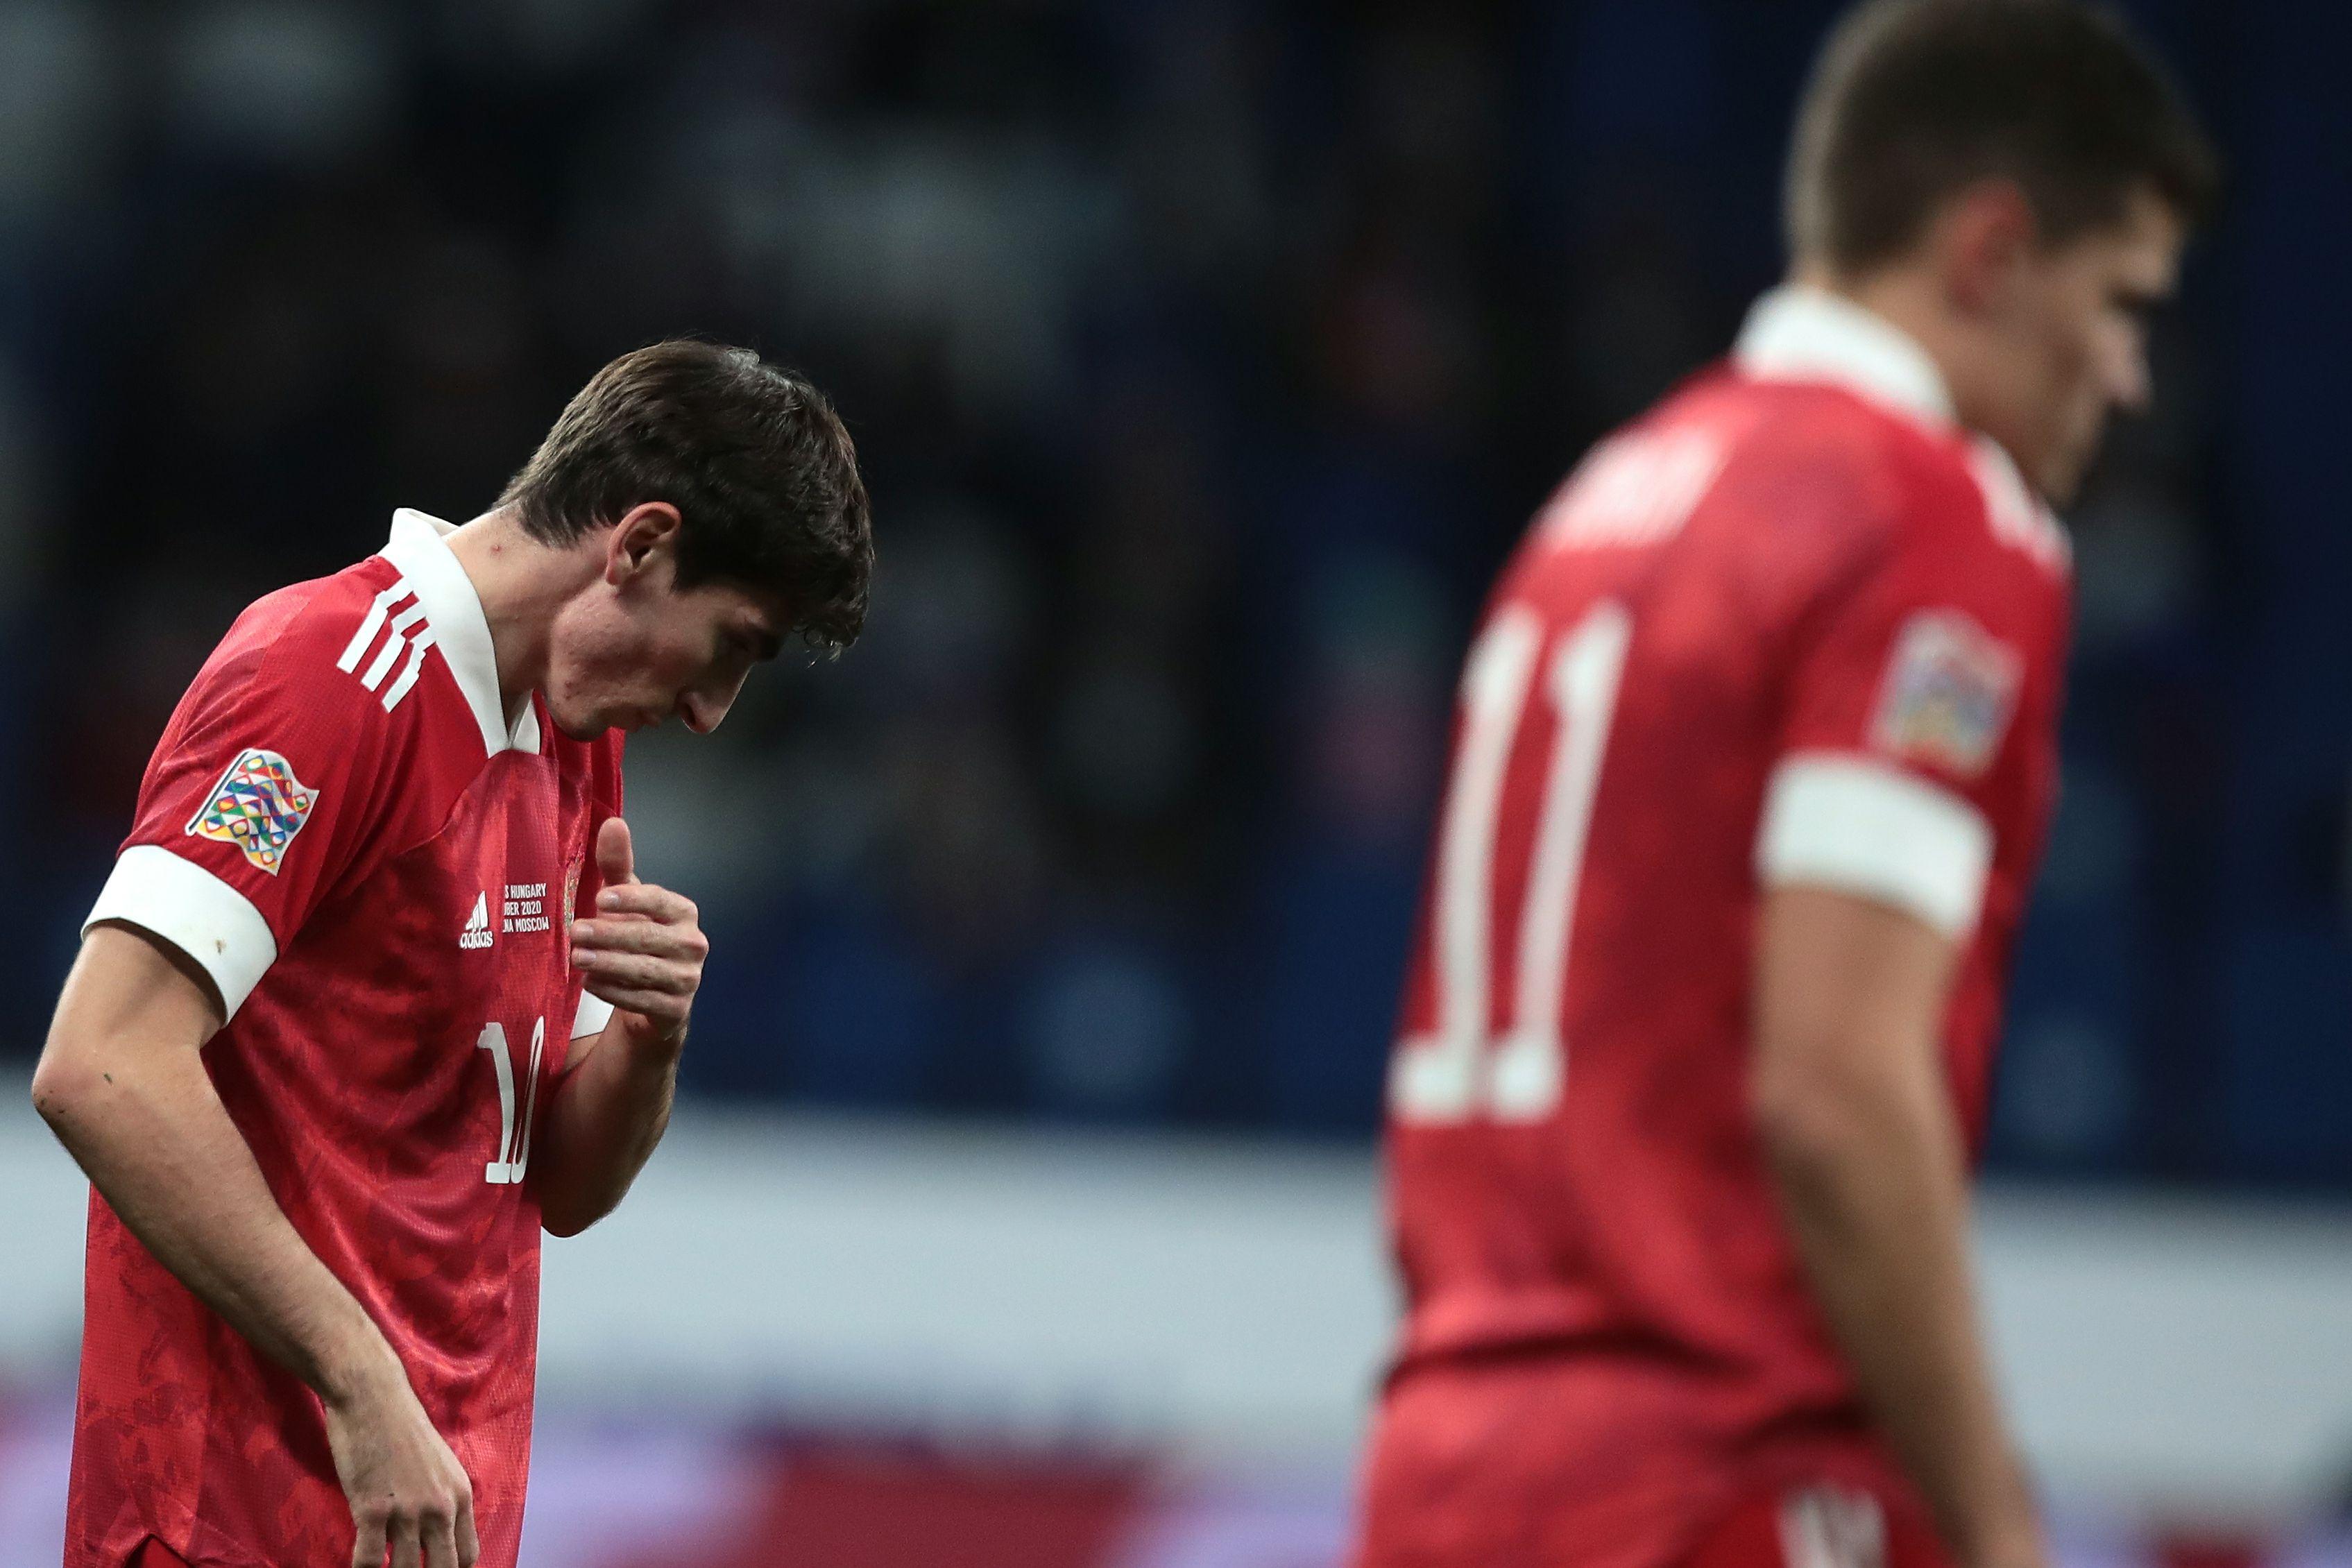 Тренер сборной Турции похвалил Россию за матч с Молдавией